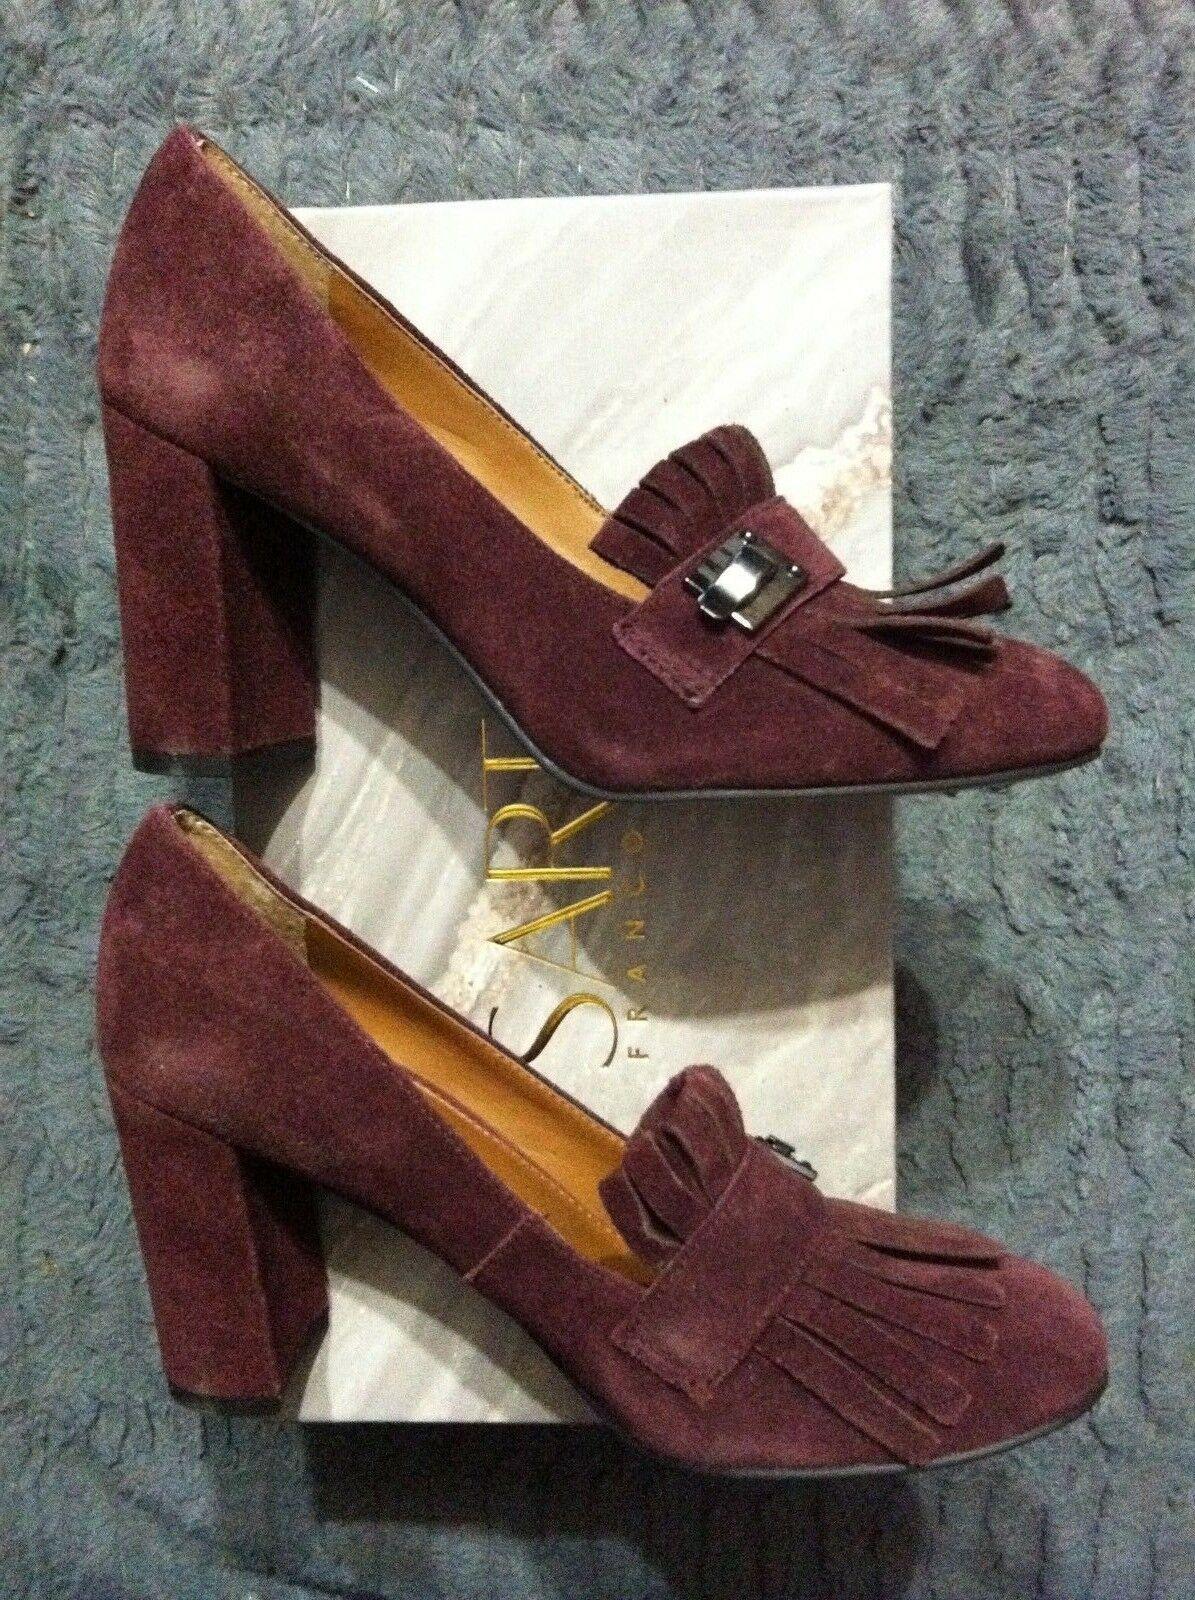 Franco Sarto Mujer Nuevo Piel Borgoña / ante Superior Vestido Zapatos Talla: 6M